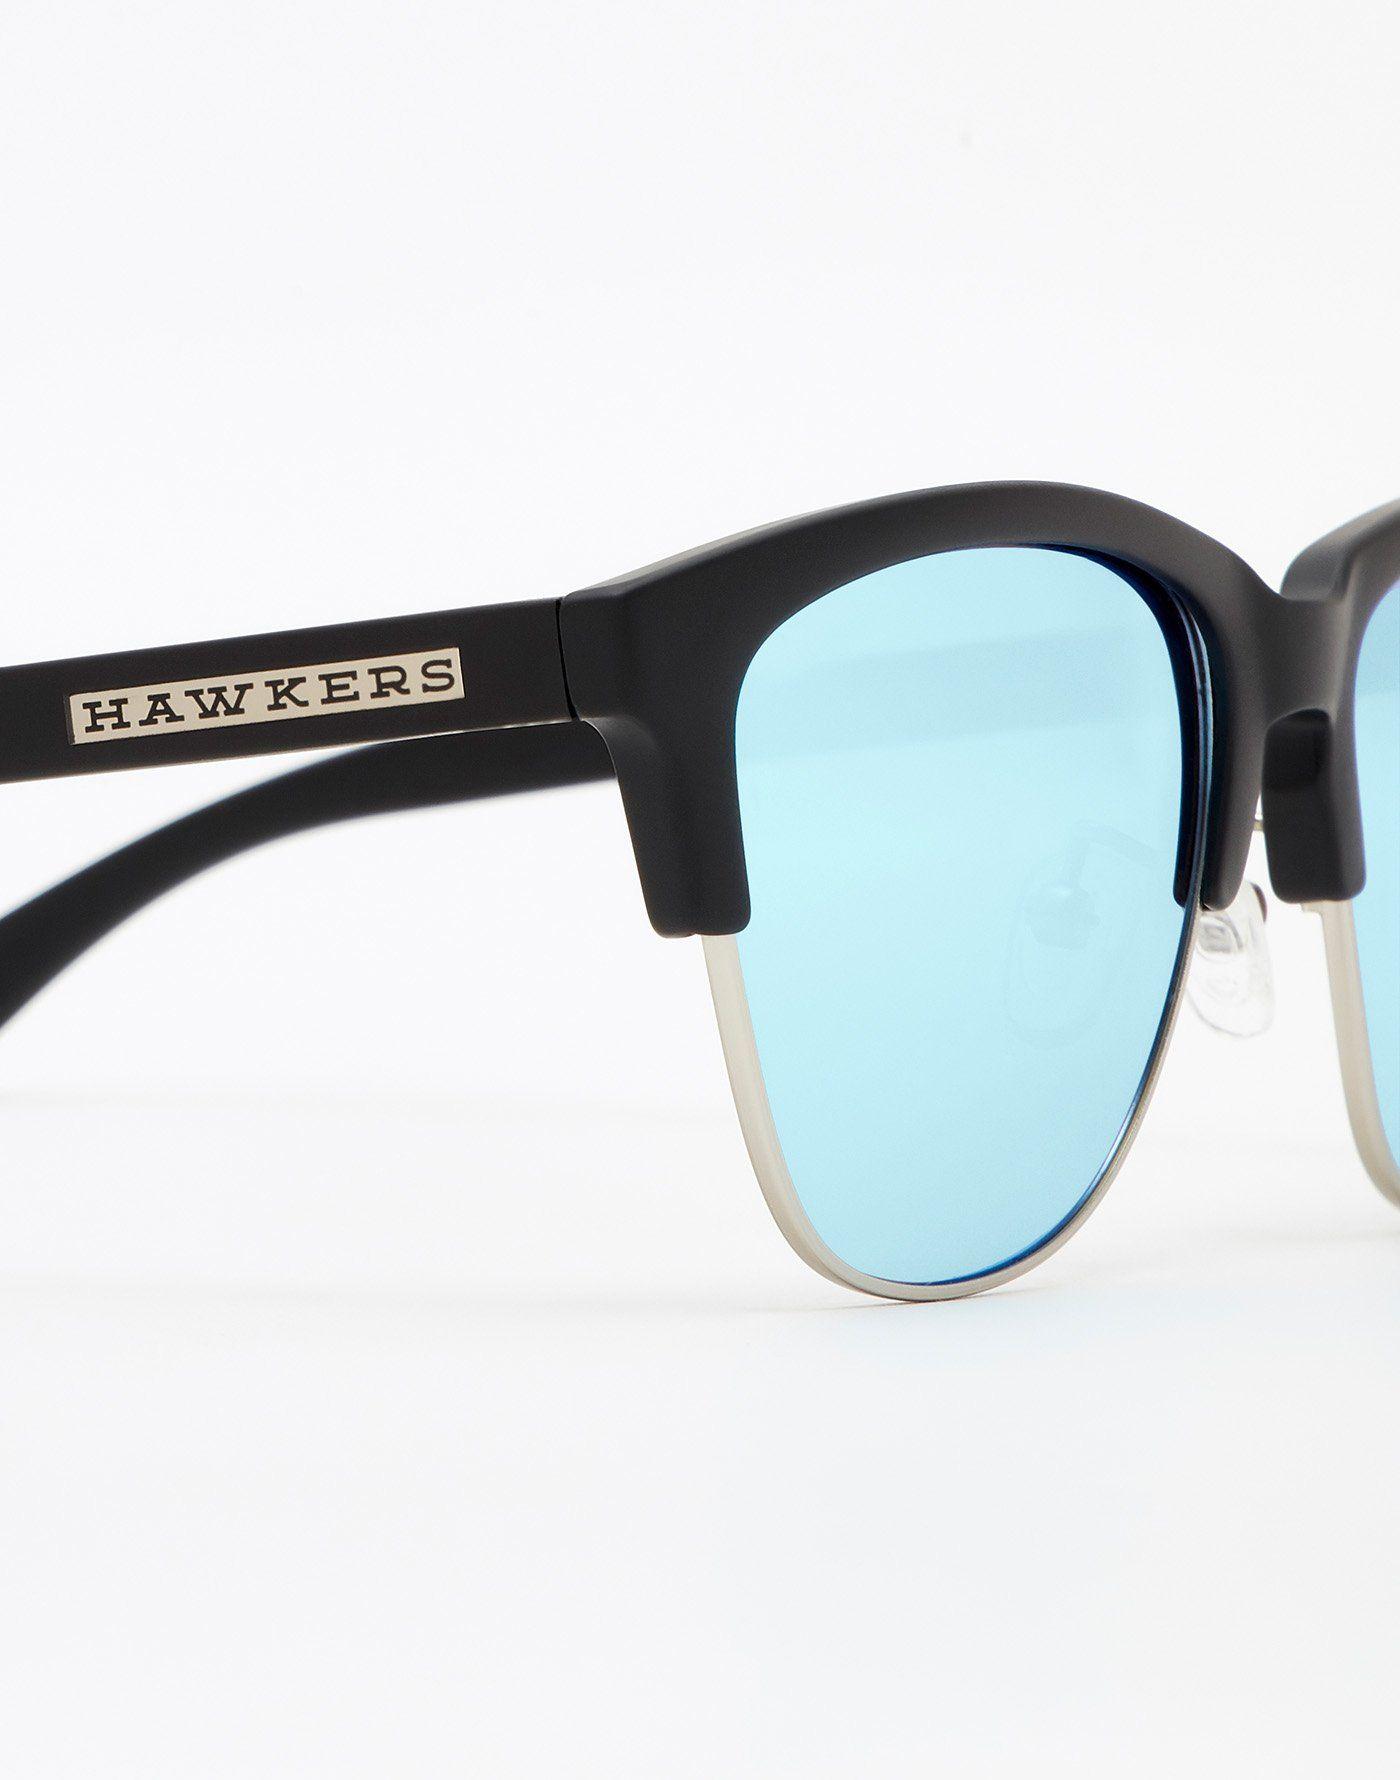 f2ba15ebd6 CARBON BLACK CLEAR BLUE CLASSIC Hawkers CLASSIC es una colección de estilo  clásico y moderno a